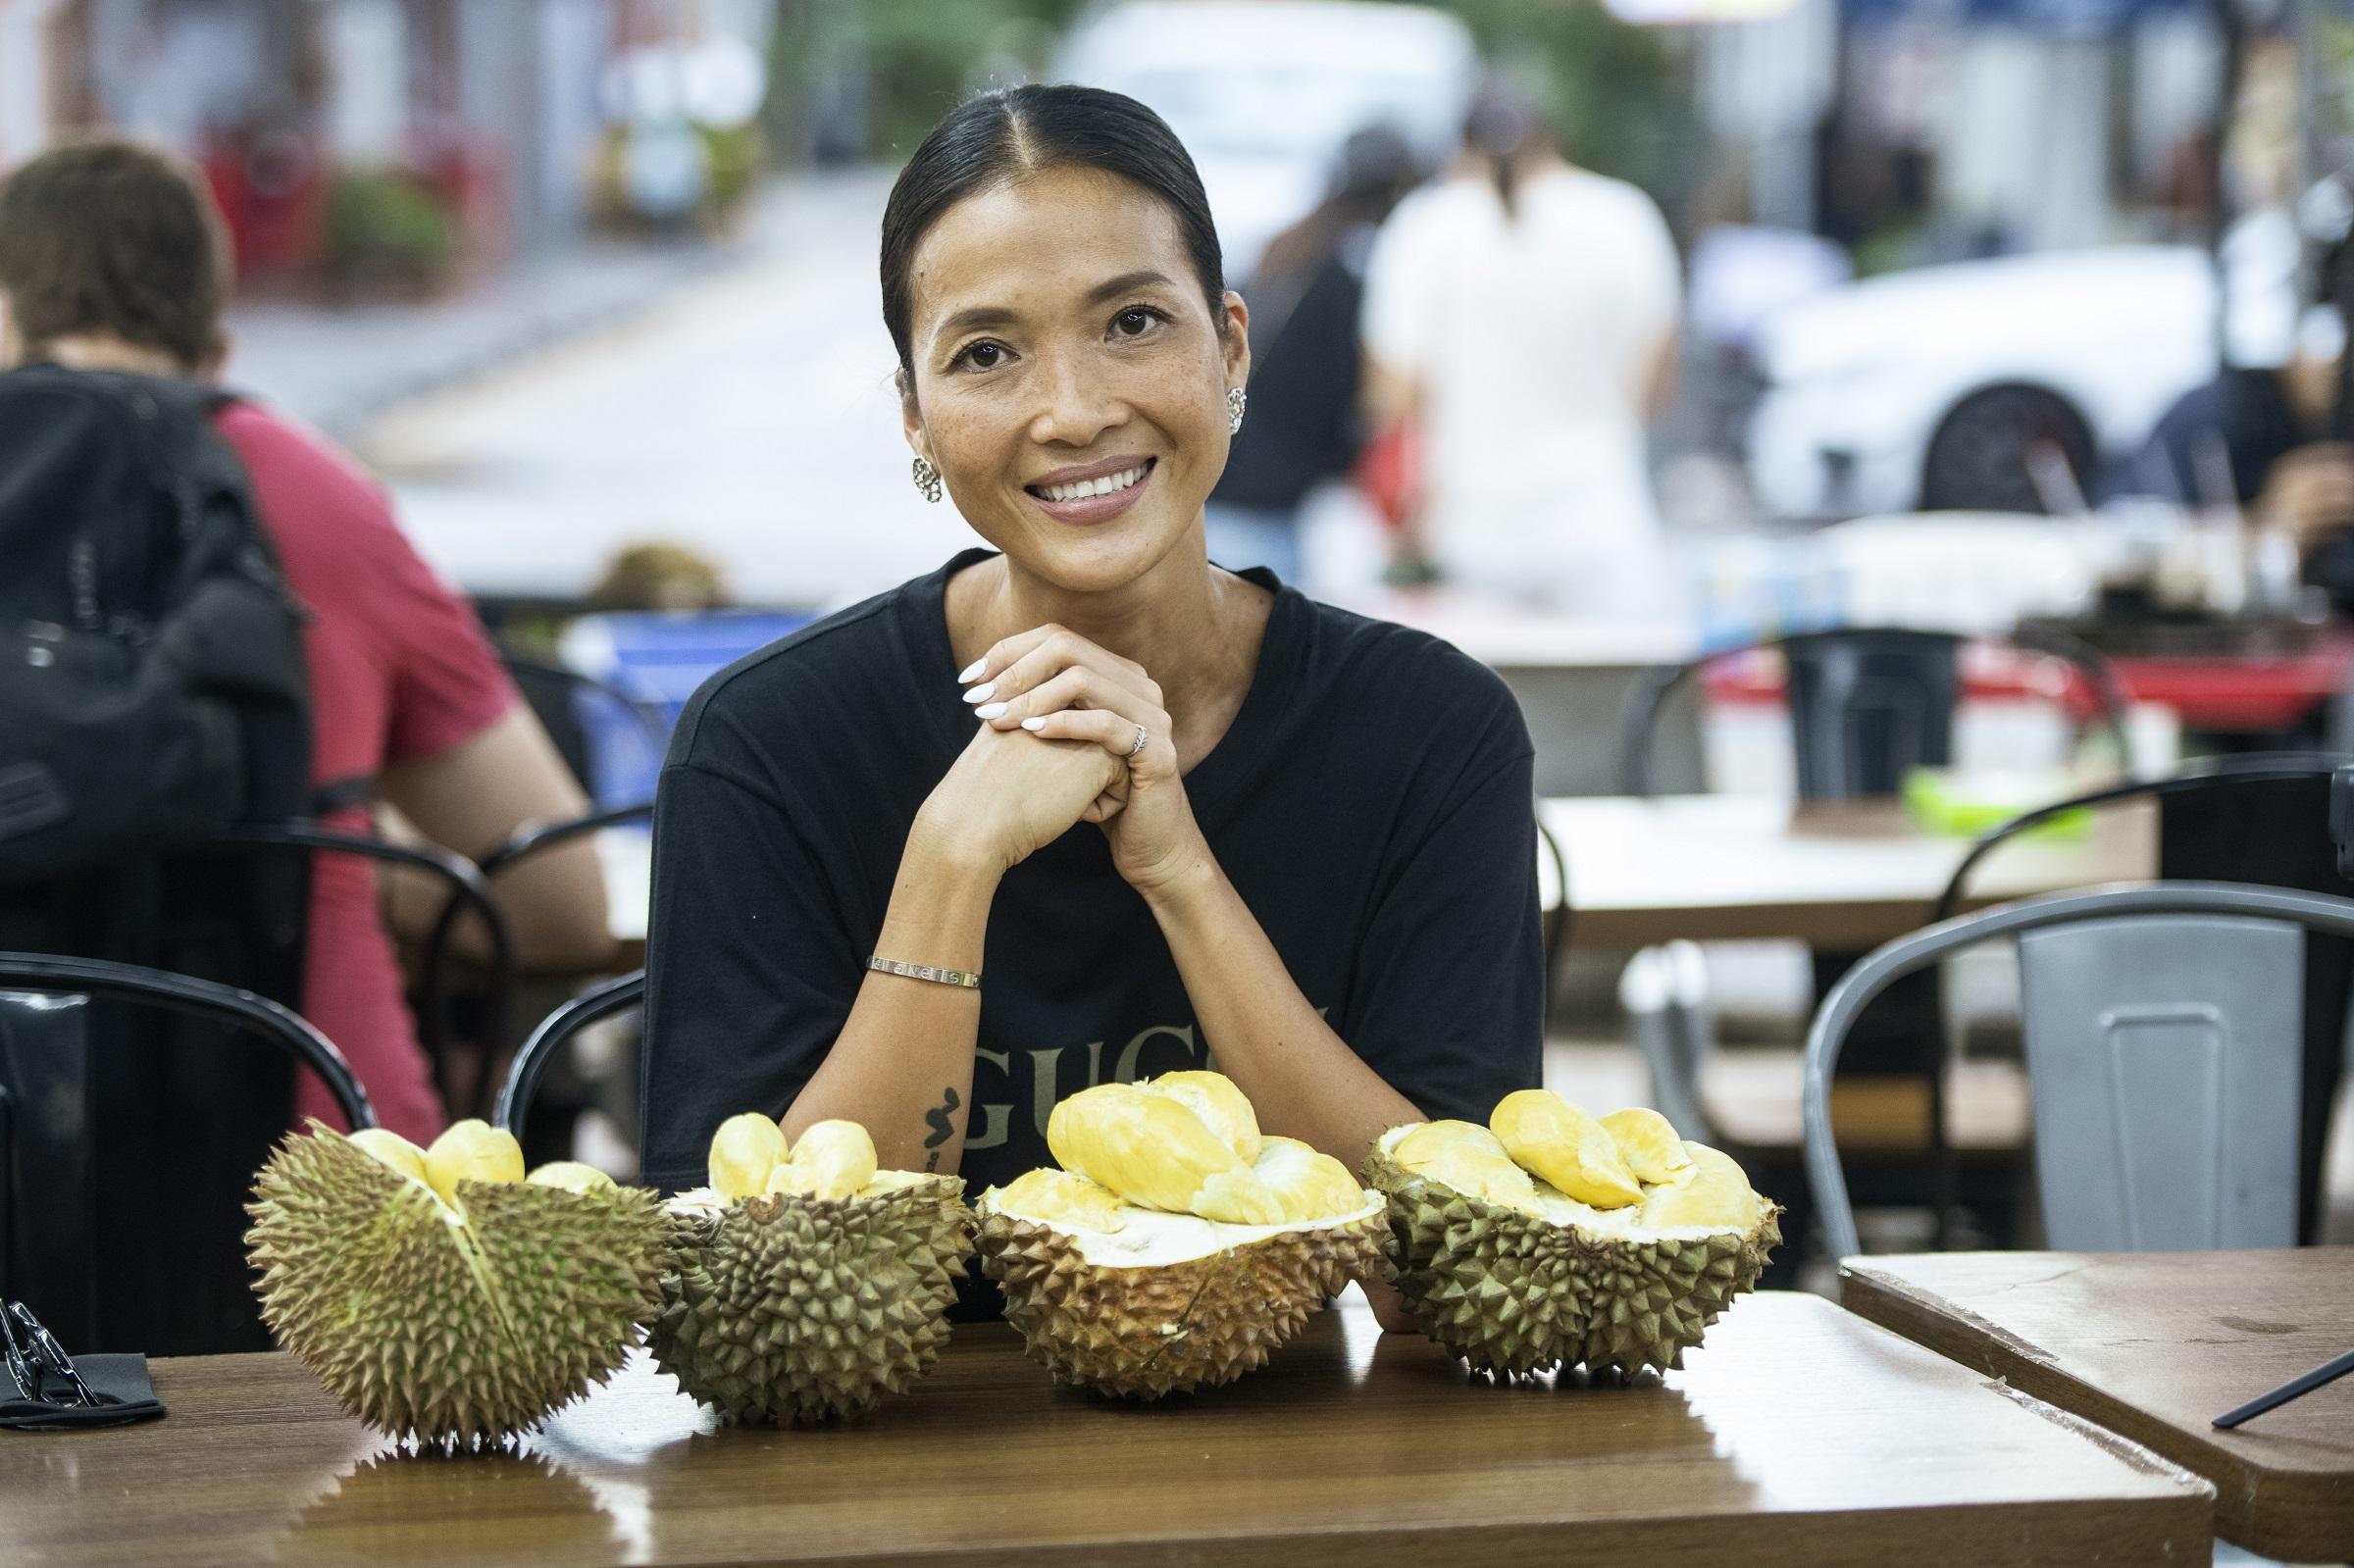 Sầu riêng ở Wonderful Durian đa dạng chủng loại với nhiều hương vị, độ béo khác nhau. Ảnh: Tổng cục Du lịch Singapore.